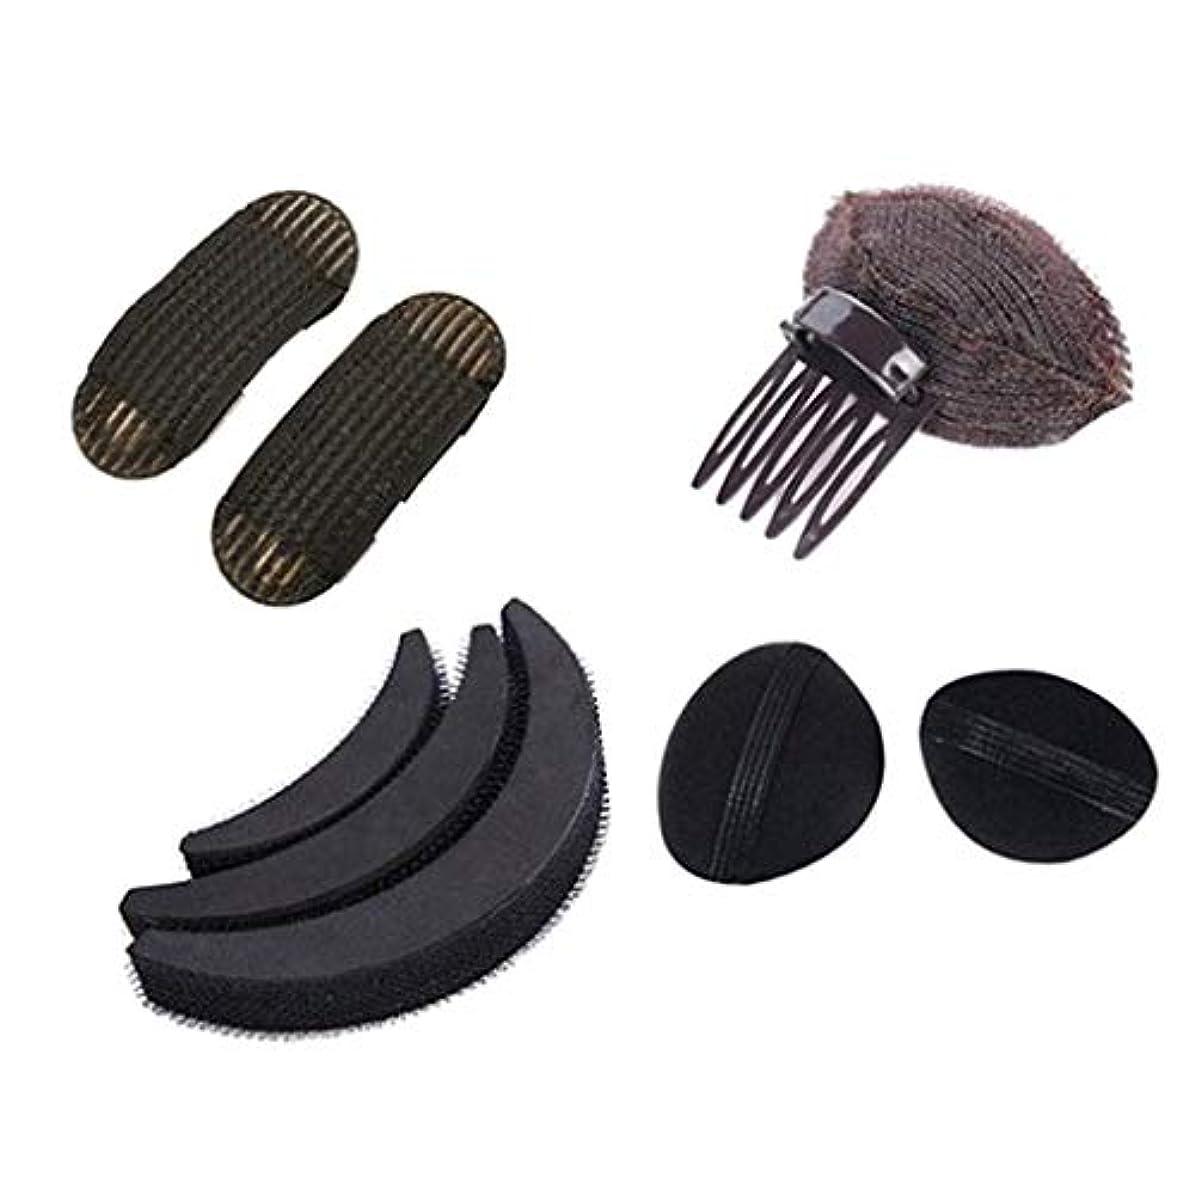 カニネズミ使役女性 ヘアスタイリングキット 髪型作成 ヘアスタイルツール 美容室サロン ブラック 4種類 - B